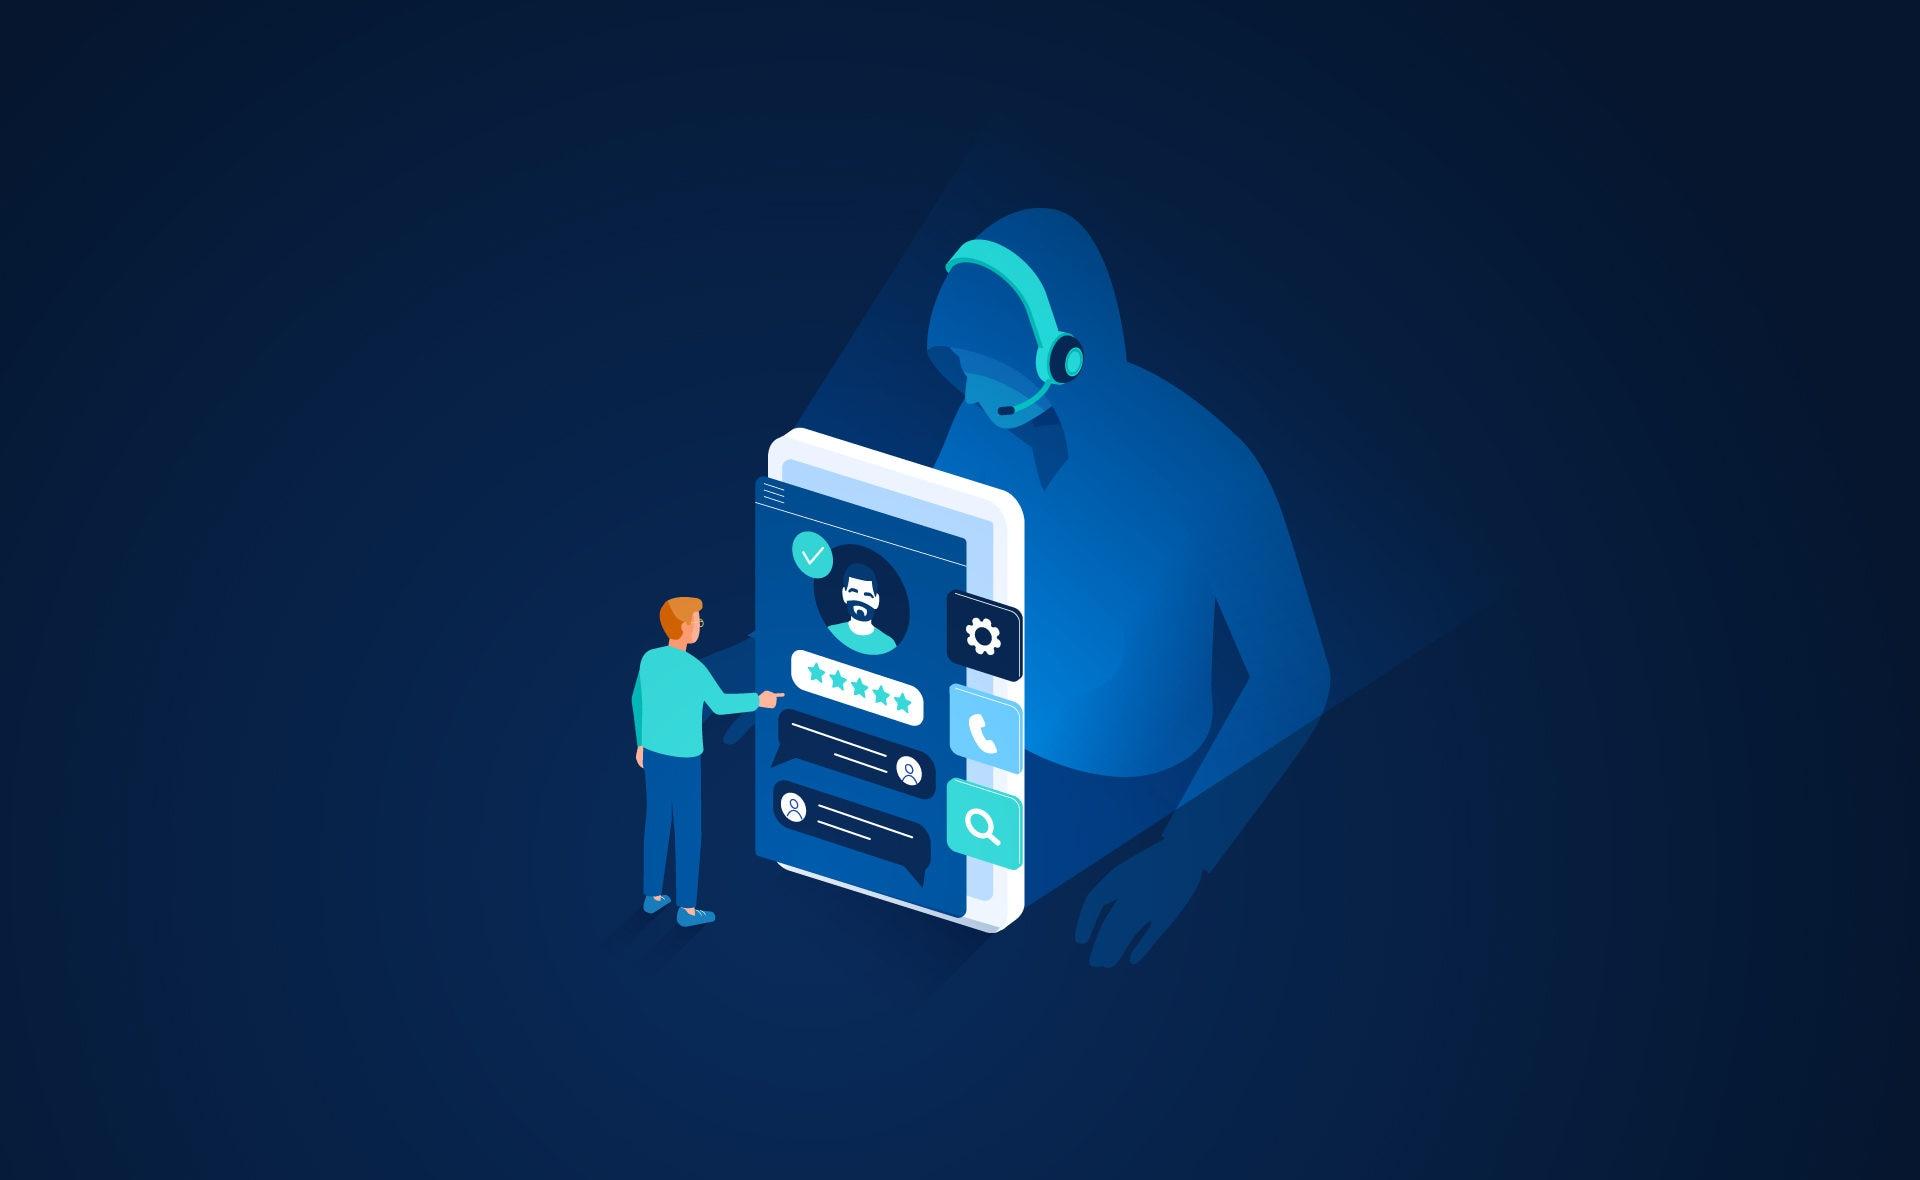 timo-soporte-tecnico-falso-fraude-digital